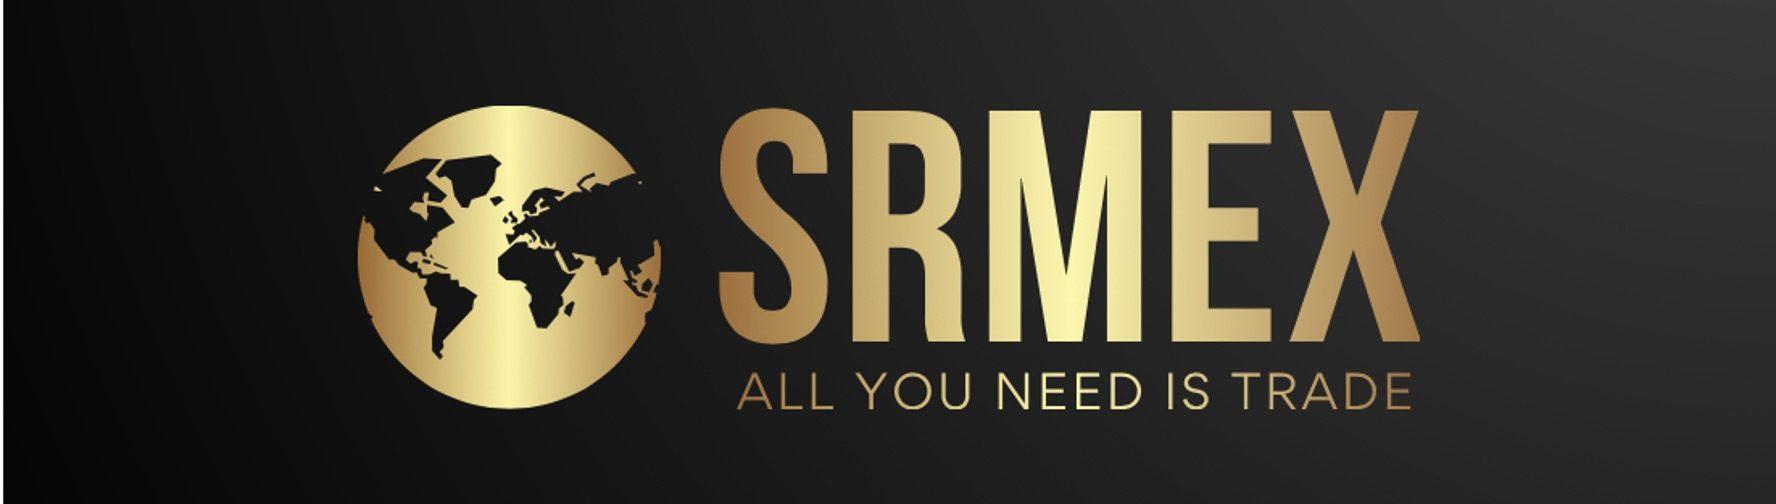 SRMEX Global